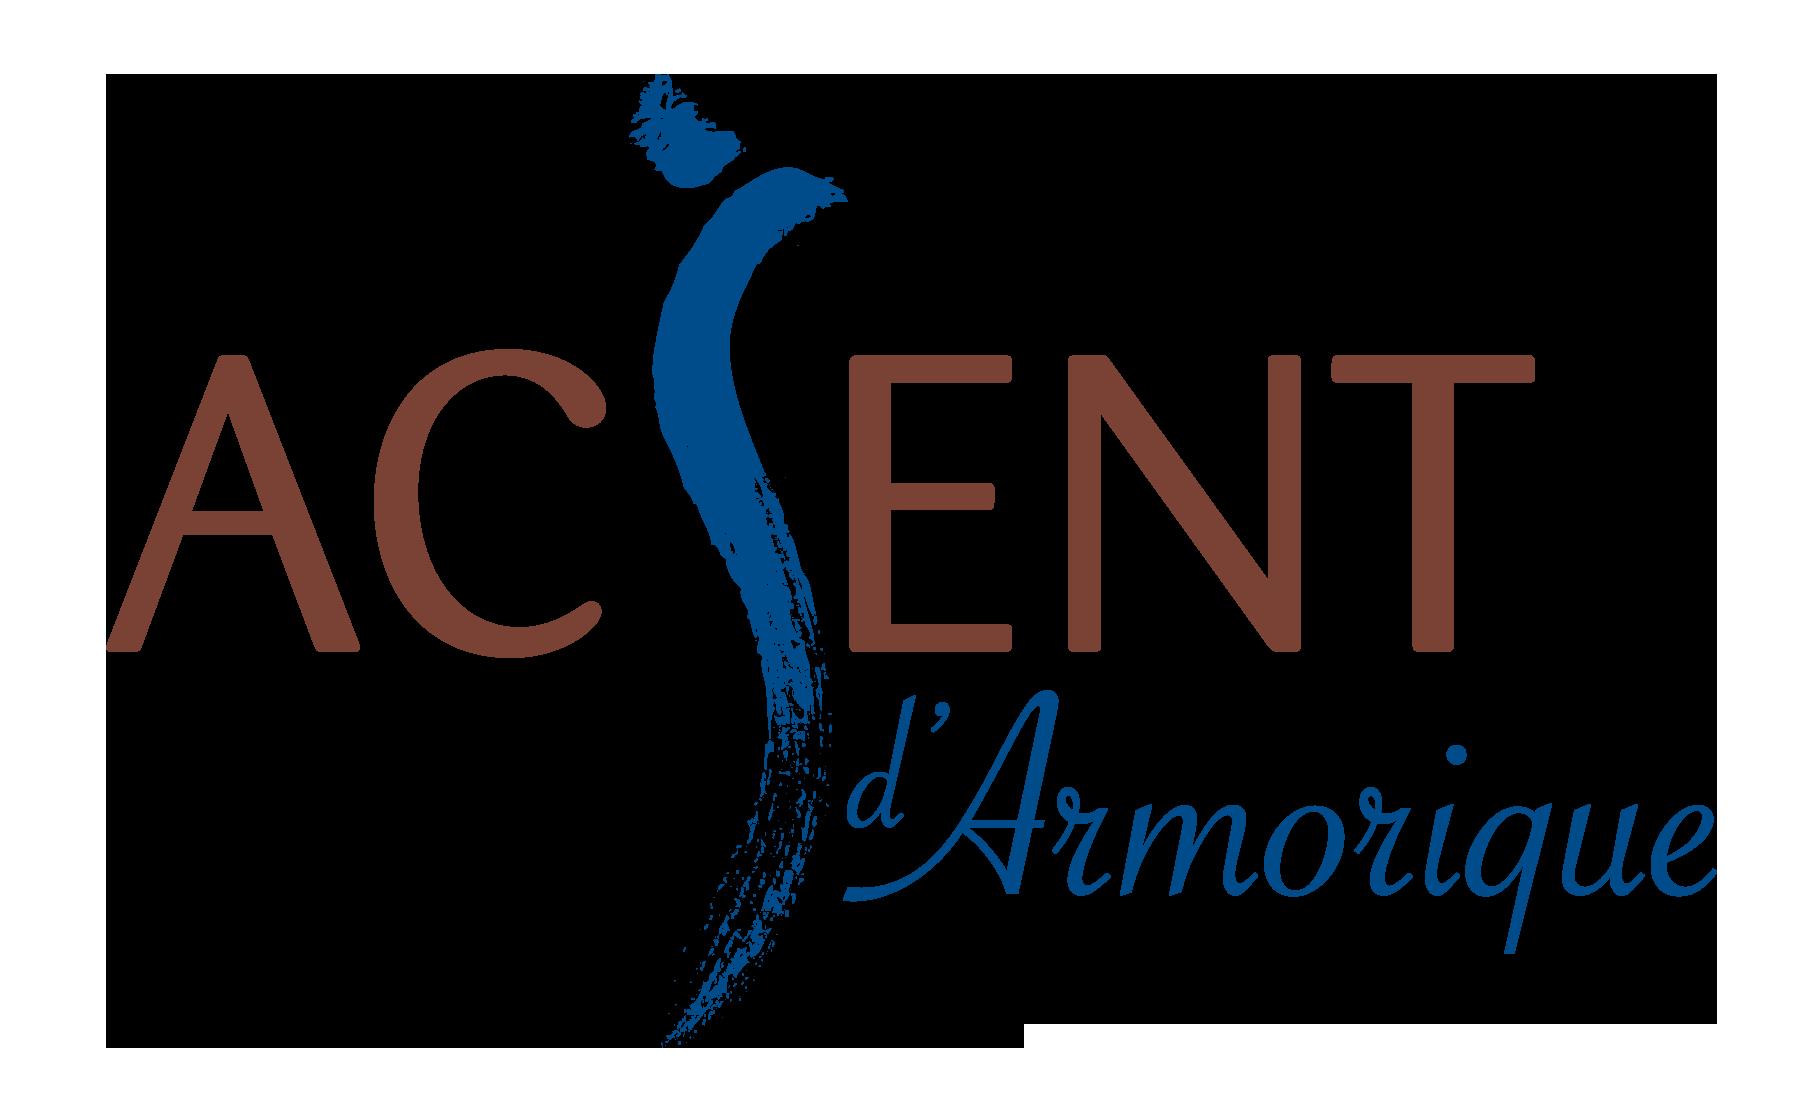 Contact AcSent d'Armorique